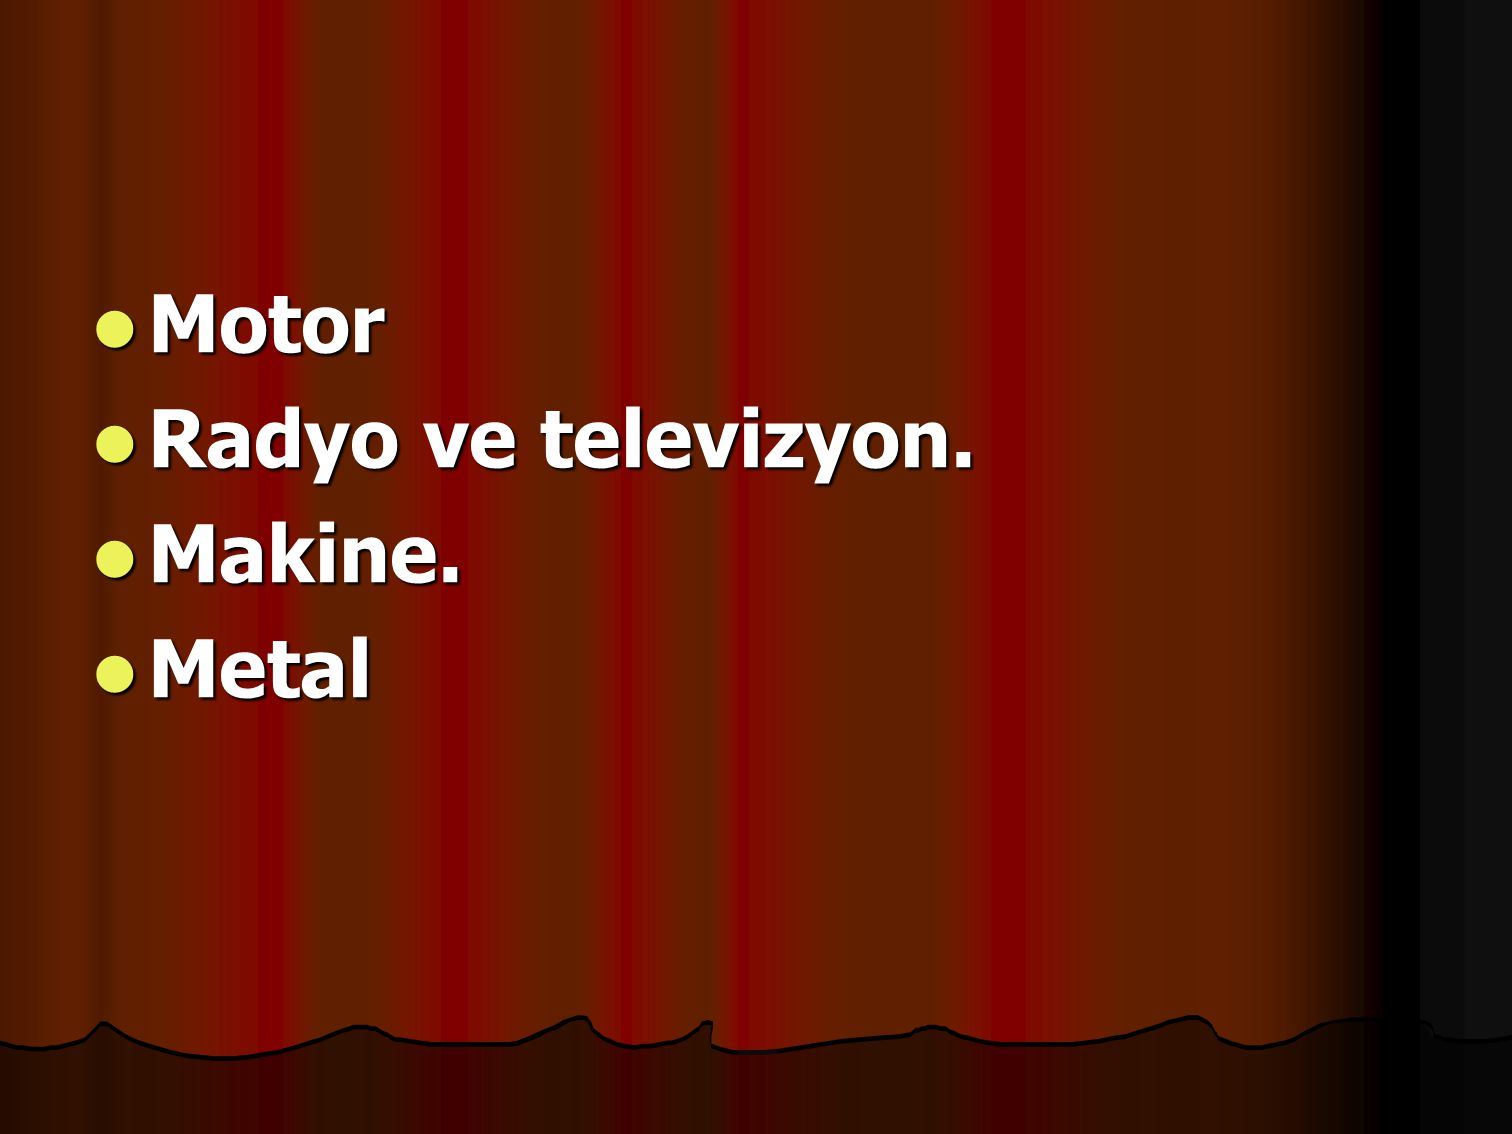 Motor Radyo ve televizyon. Makine. Metal